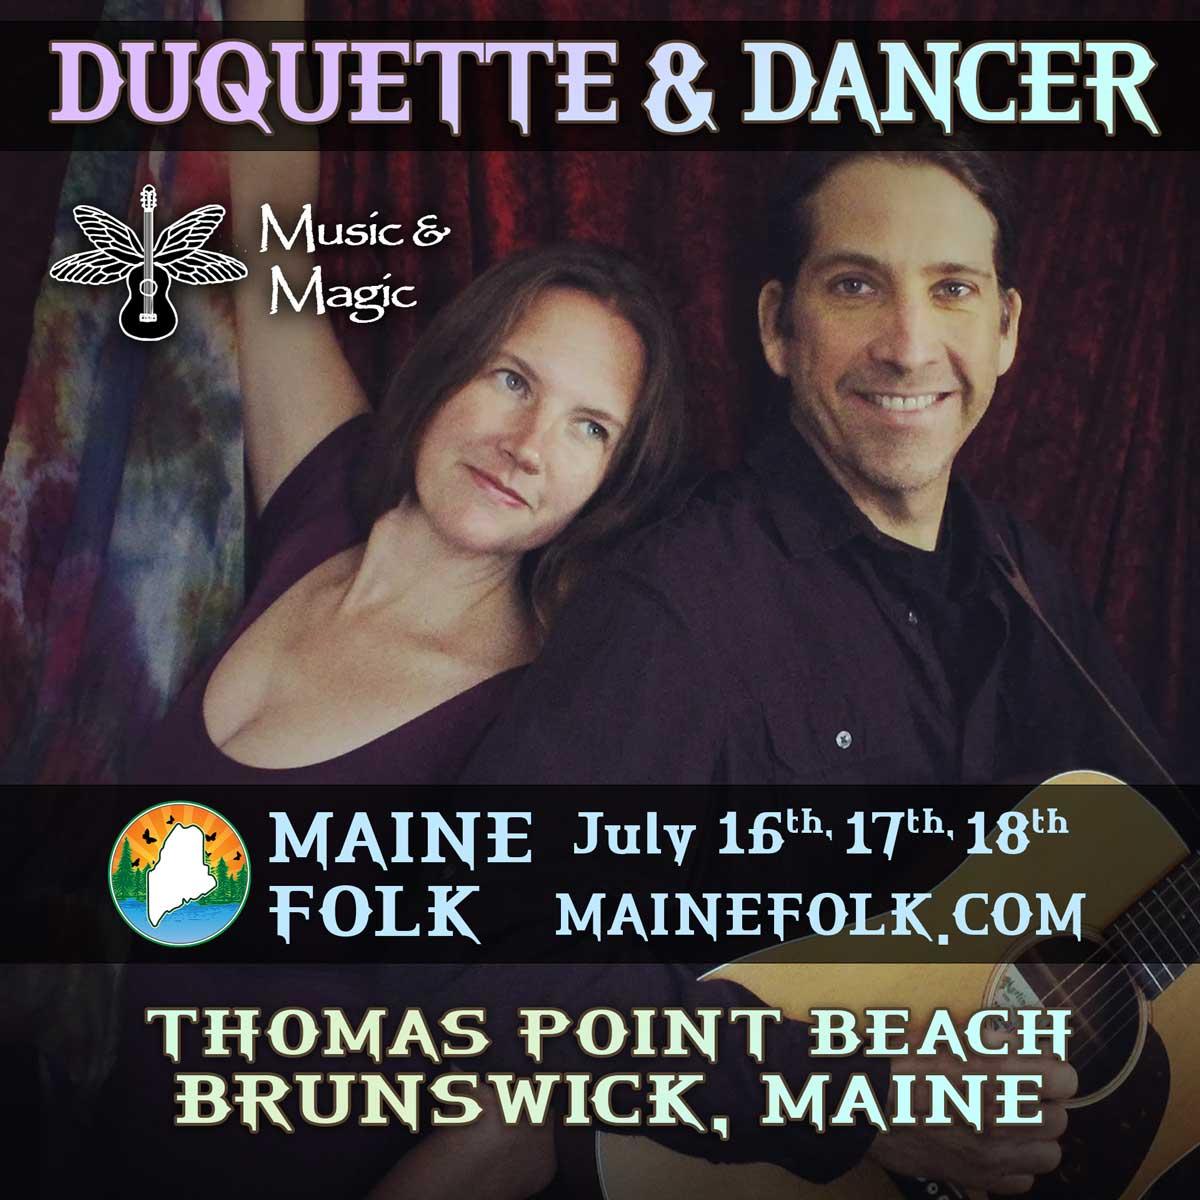 Duquette & Dancer - Music & Magic